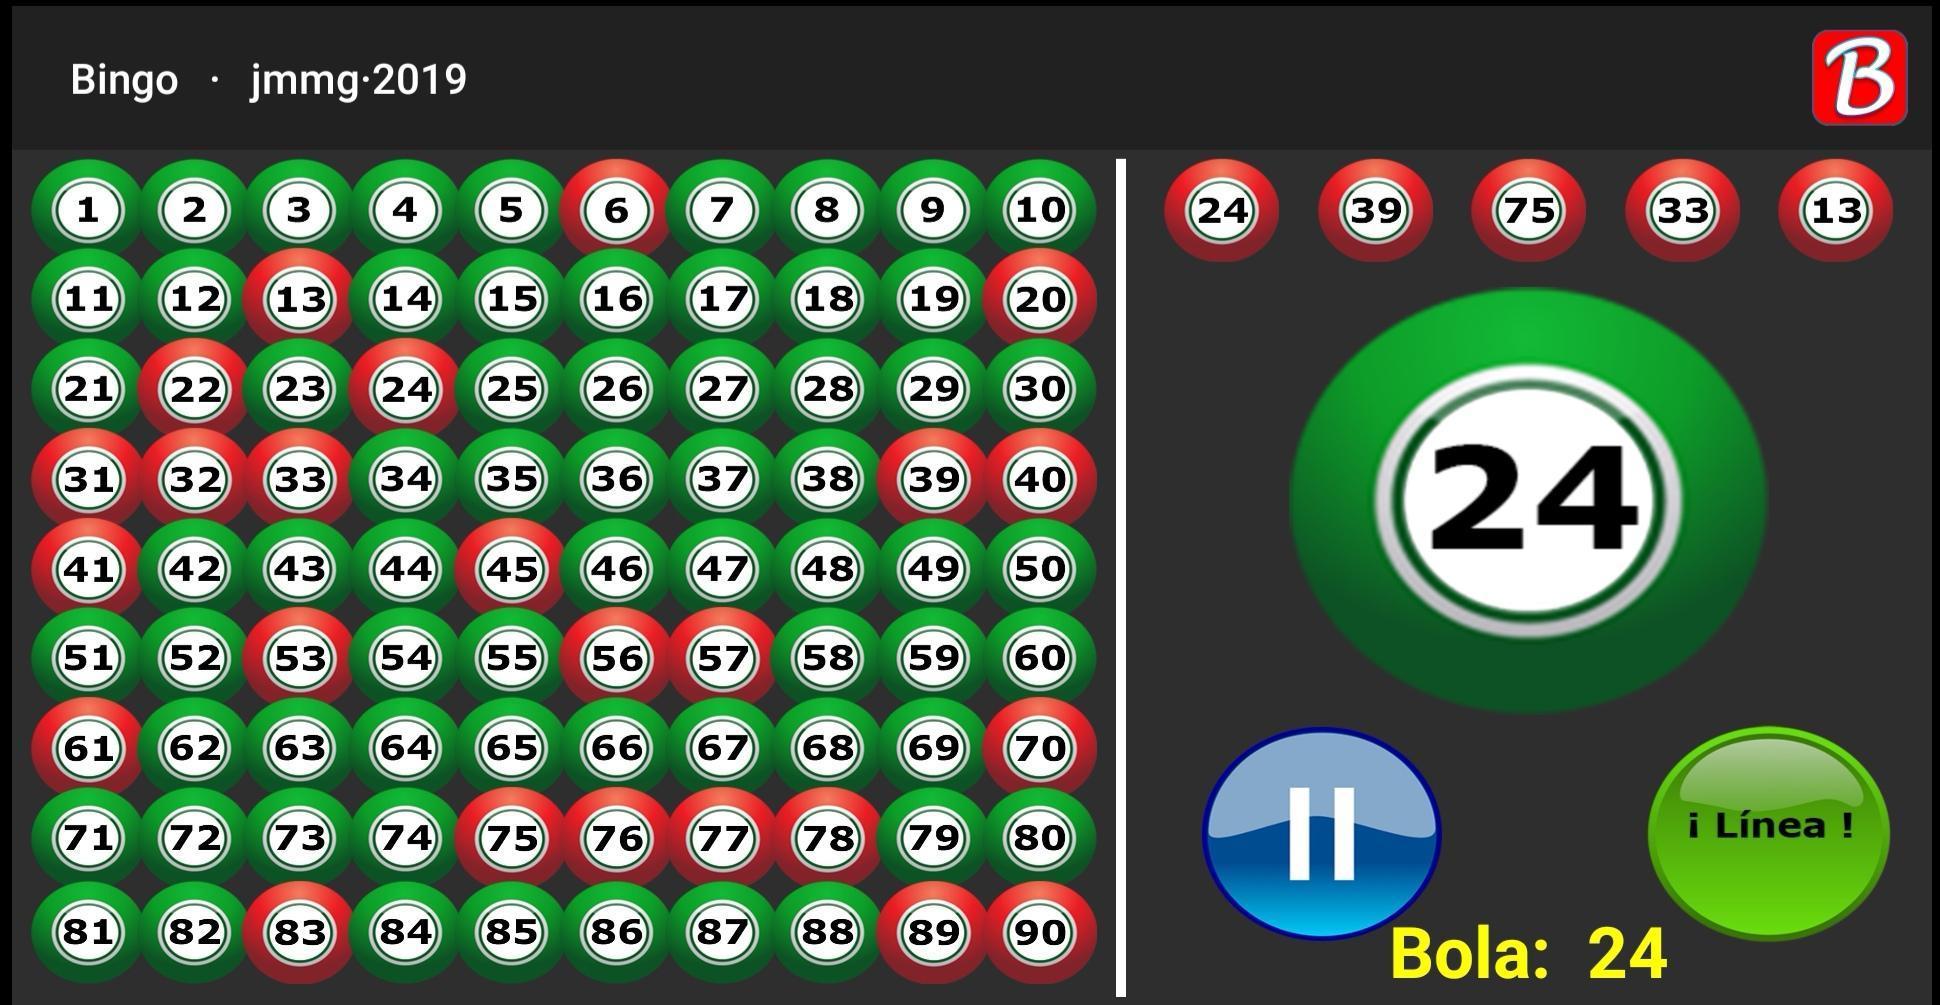 Jugar al BingO - Números del Bingo. 1 تصوير الشاشة